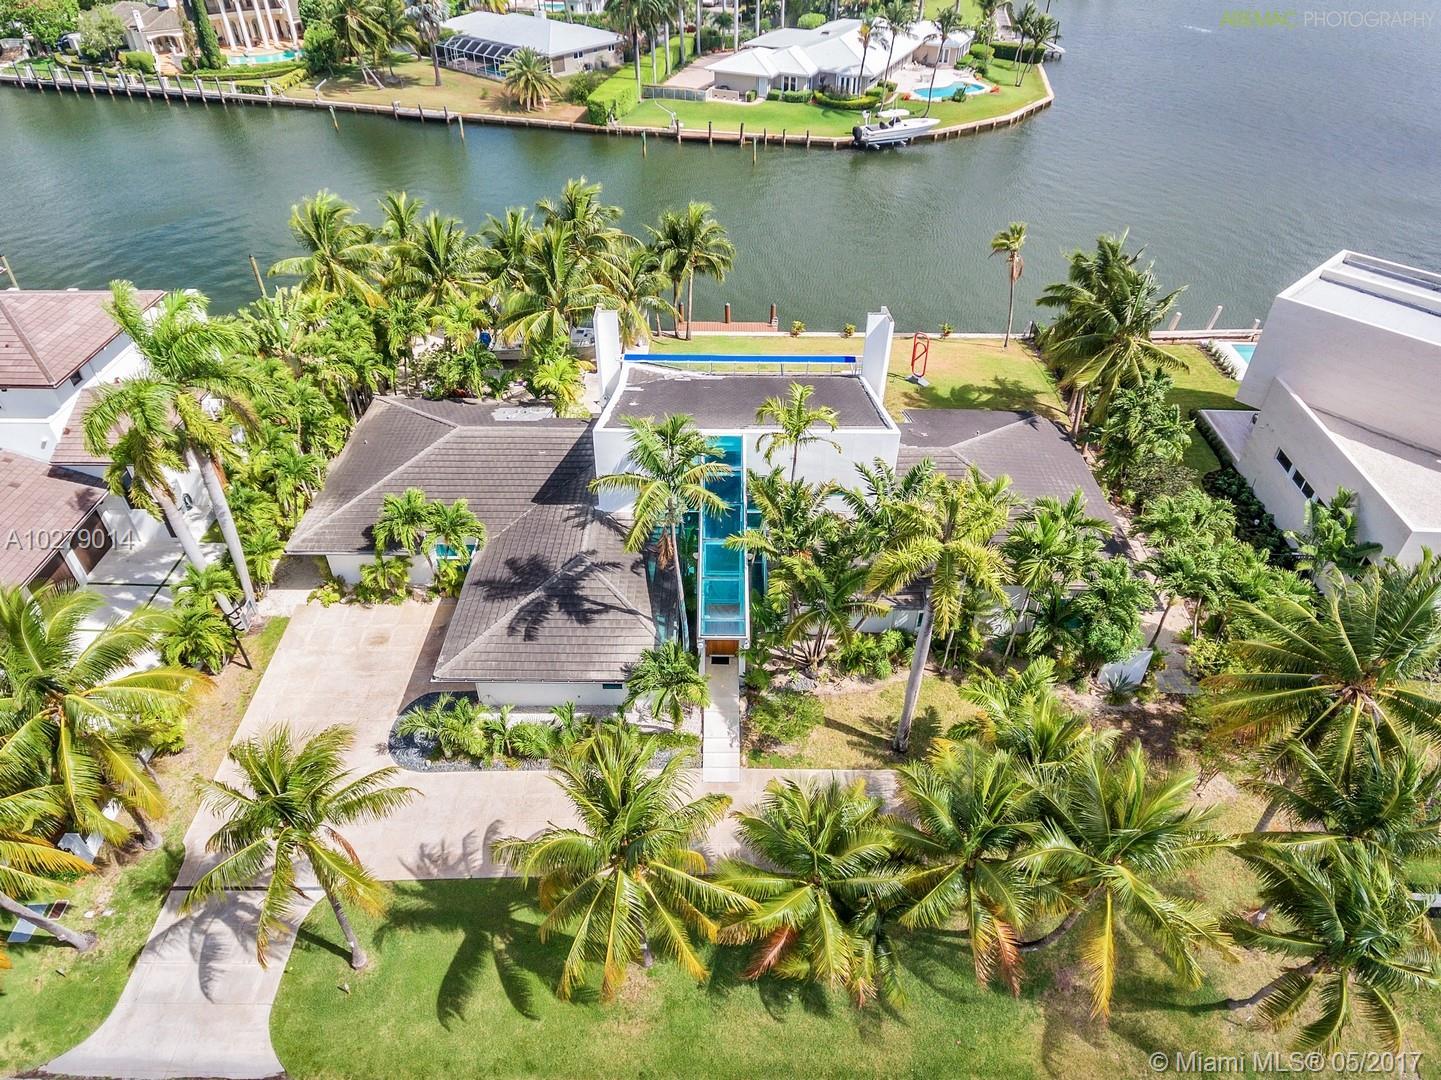 475 Solano Prado - Coral Gables, Florida